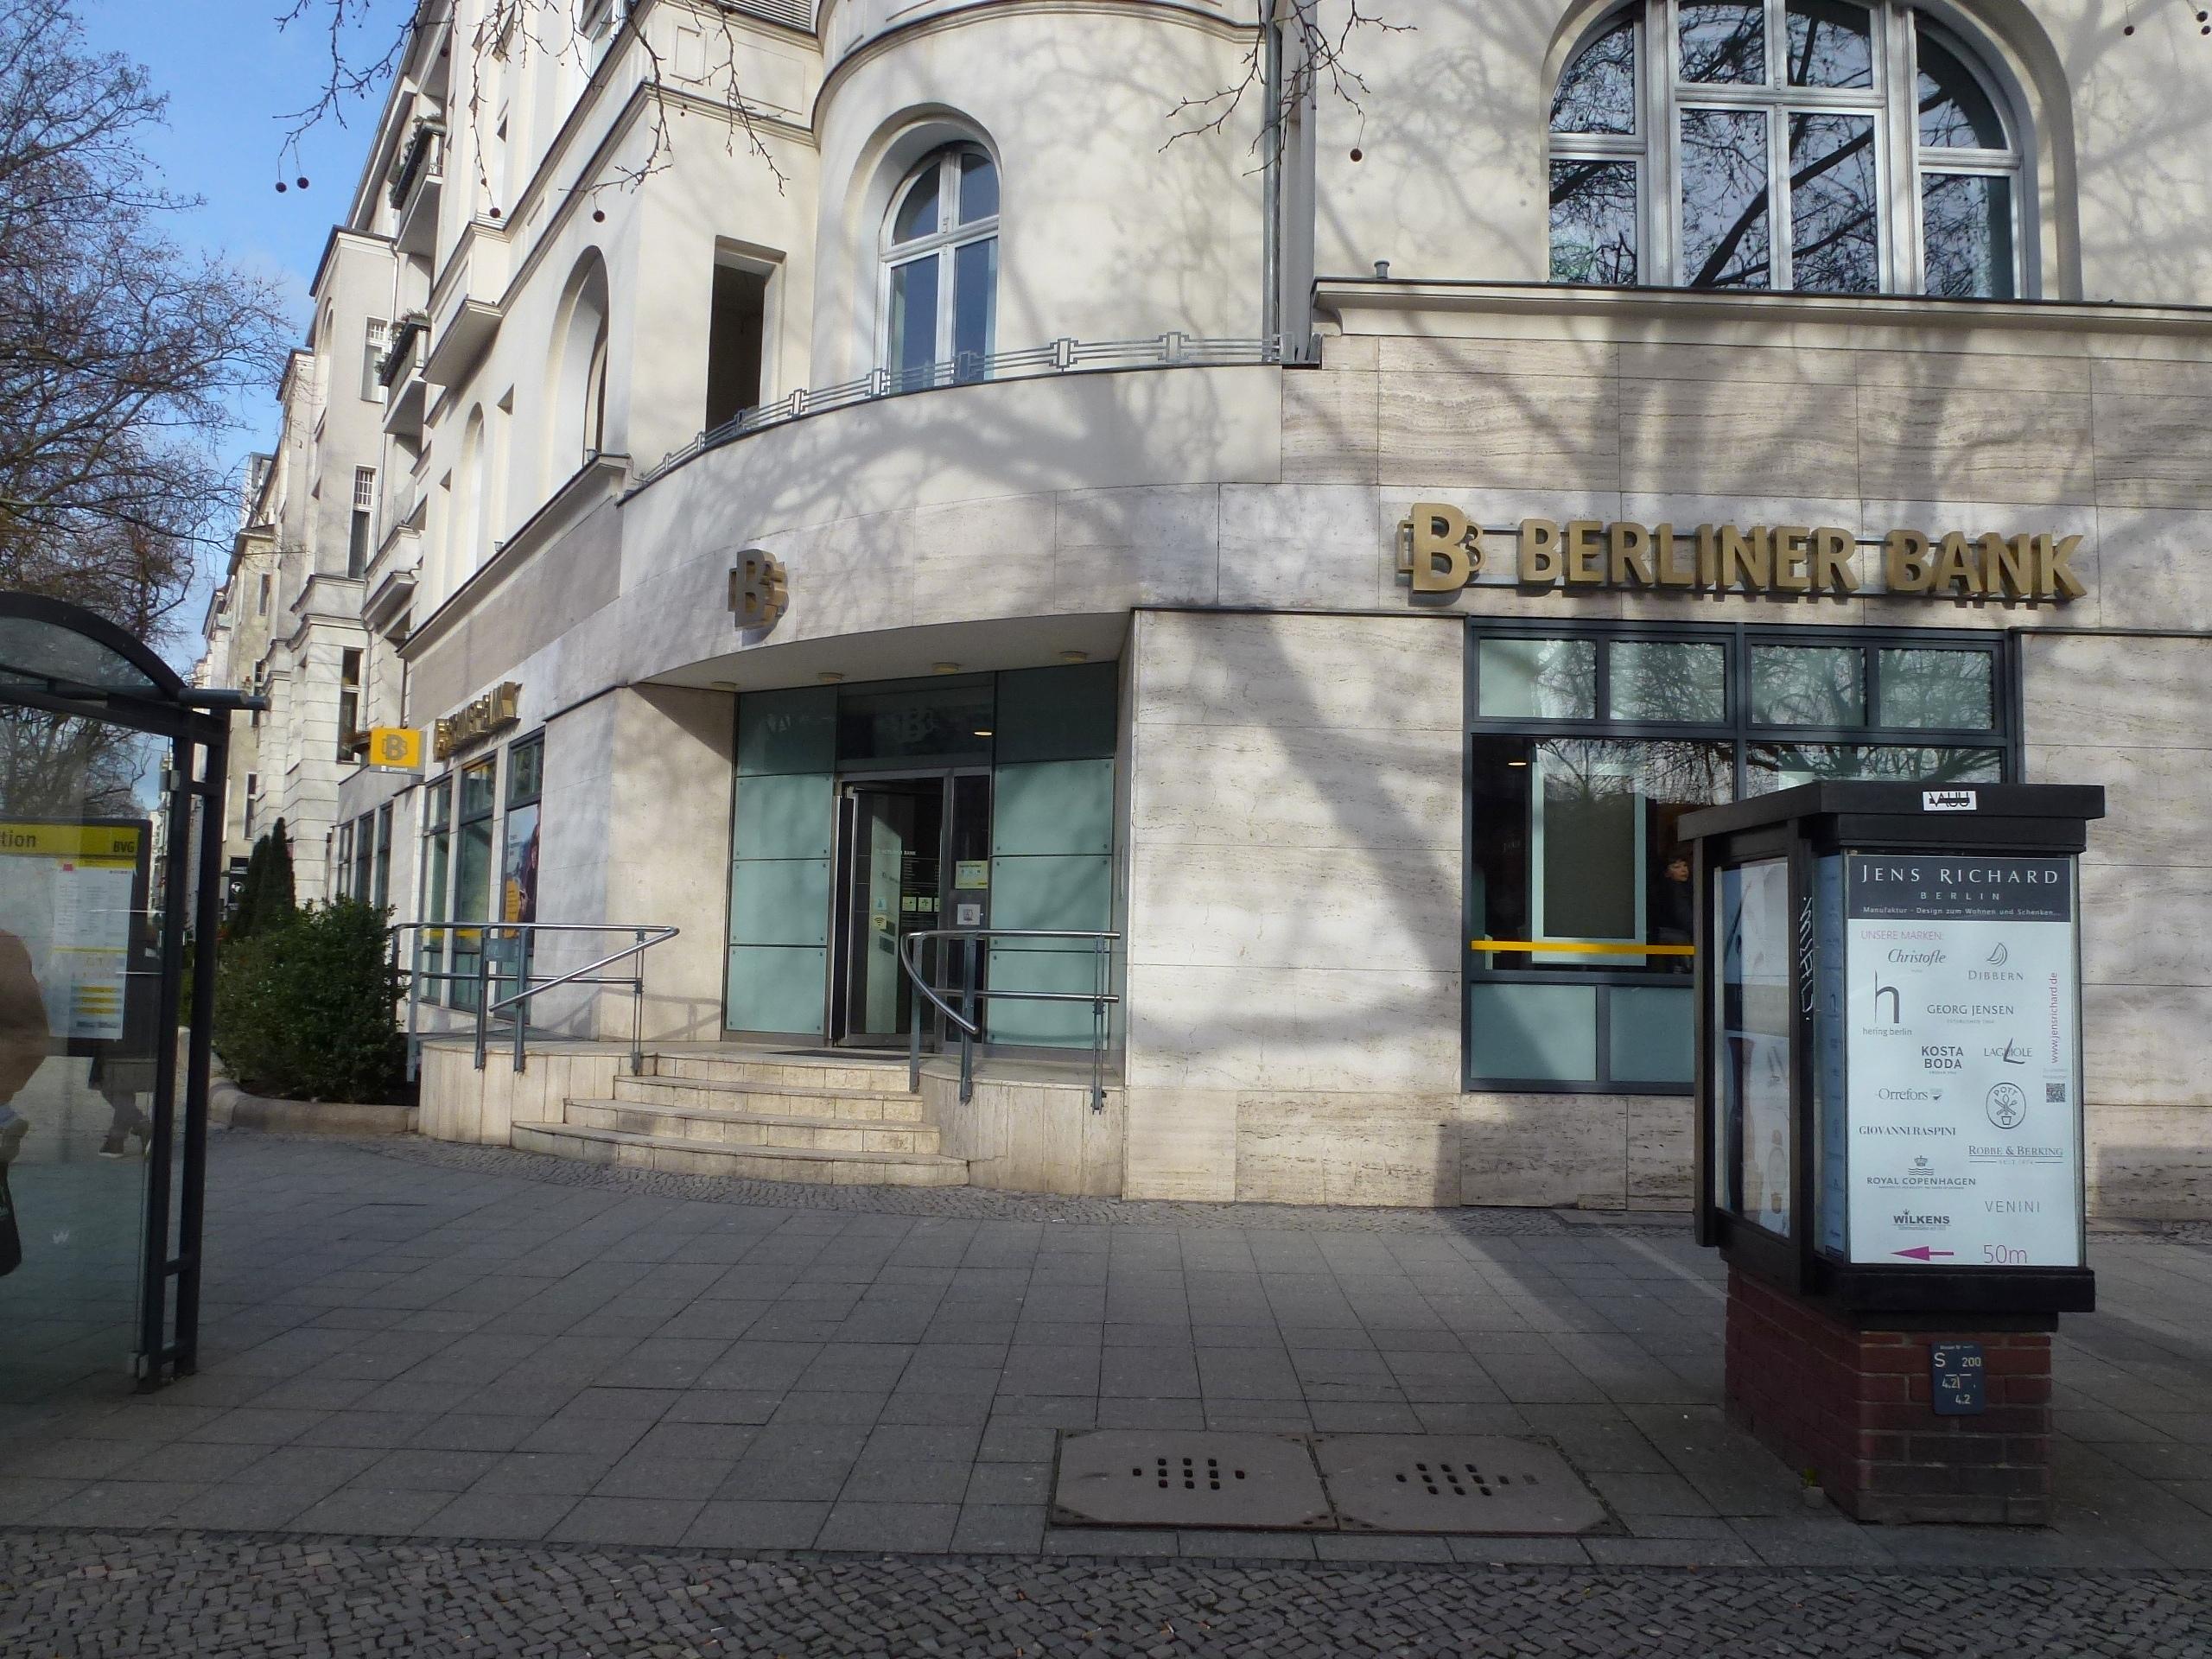 File:Charlottenburg Kurfürstendamm 62 Berliner Bank-010.jpg ... on